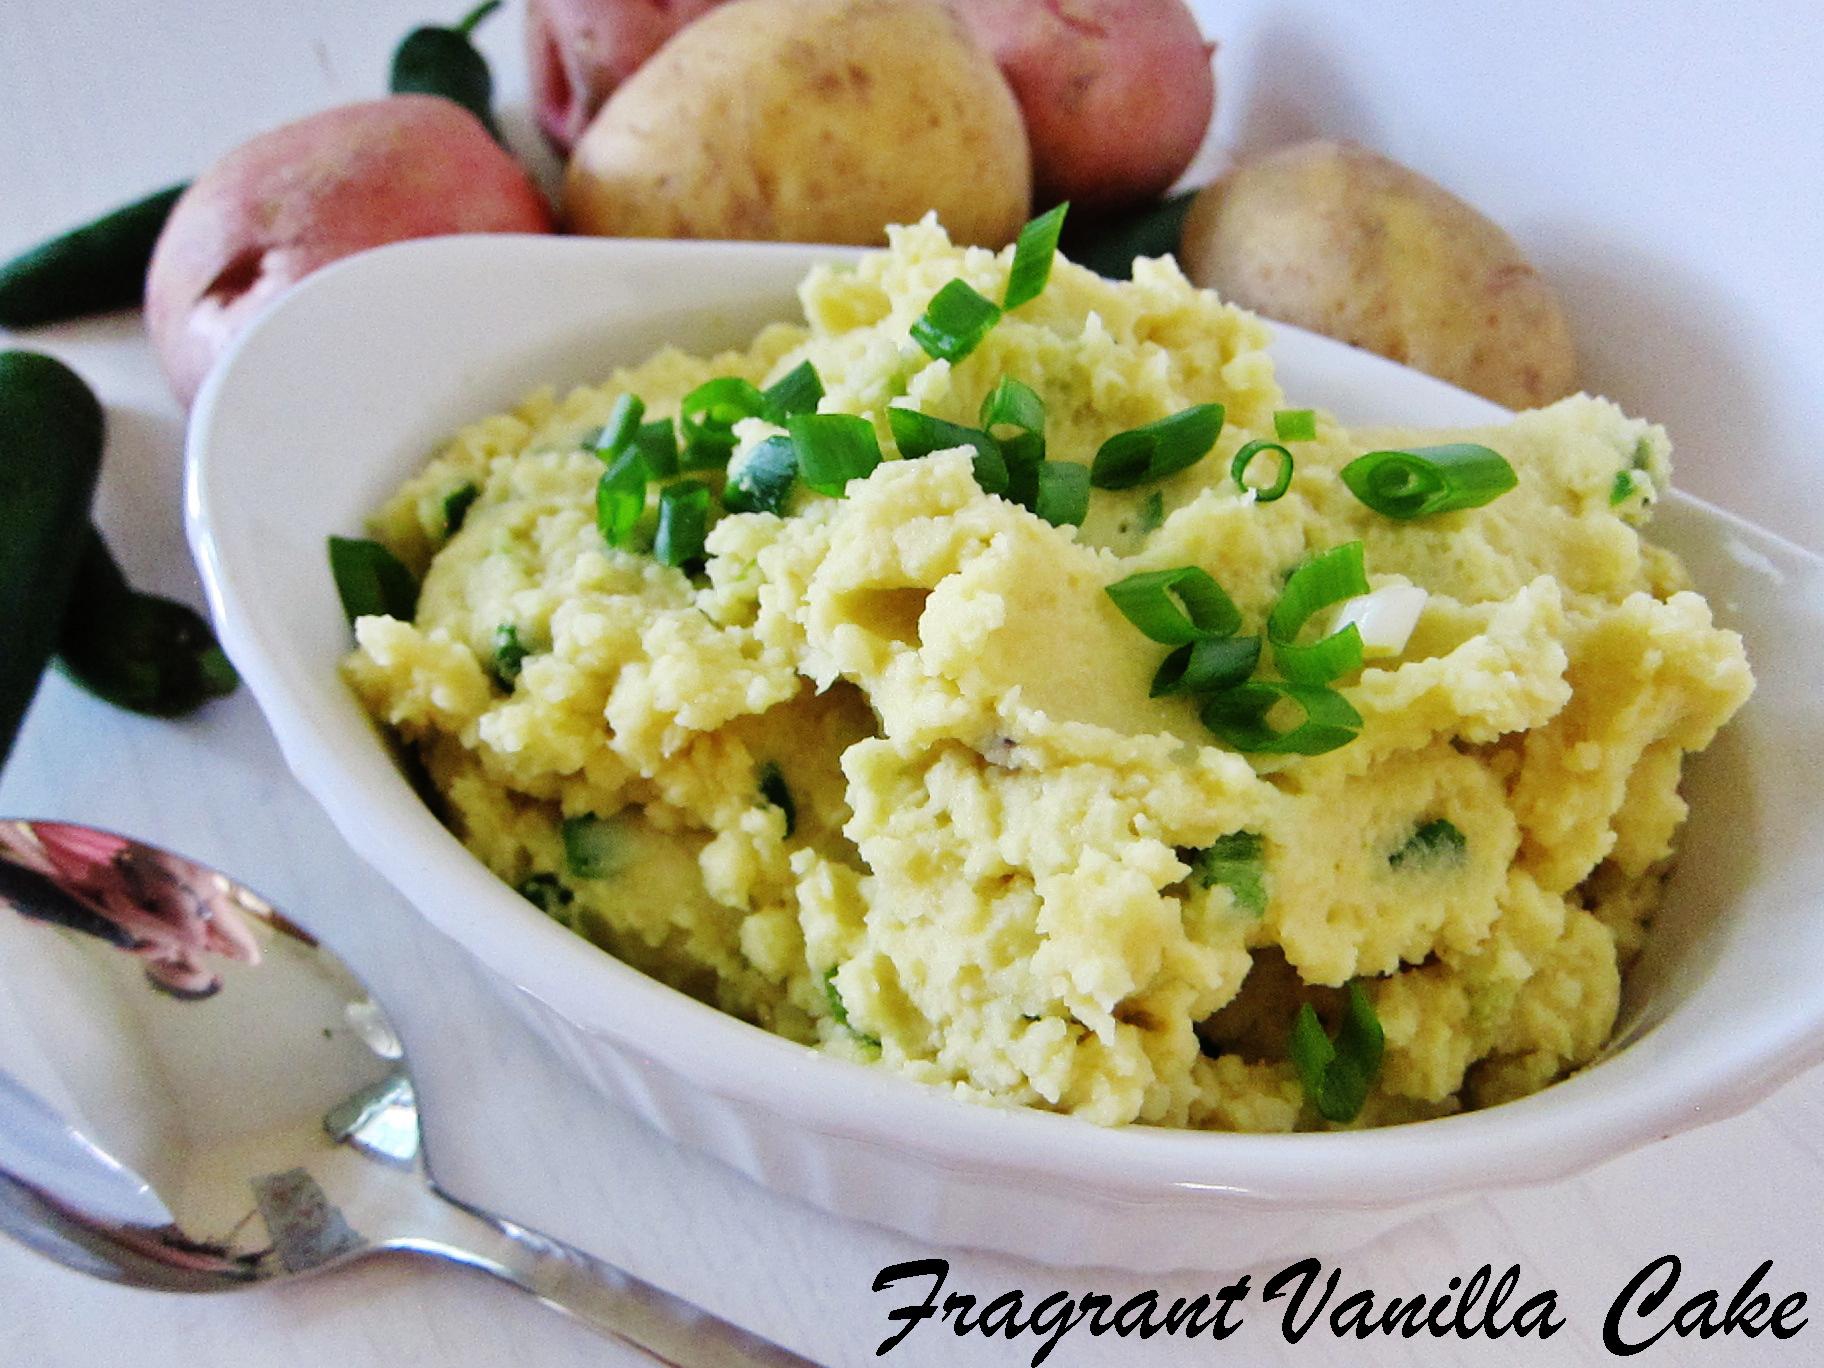 Vegan Jalapeno Cheddar Mashed Potatoes